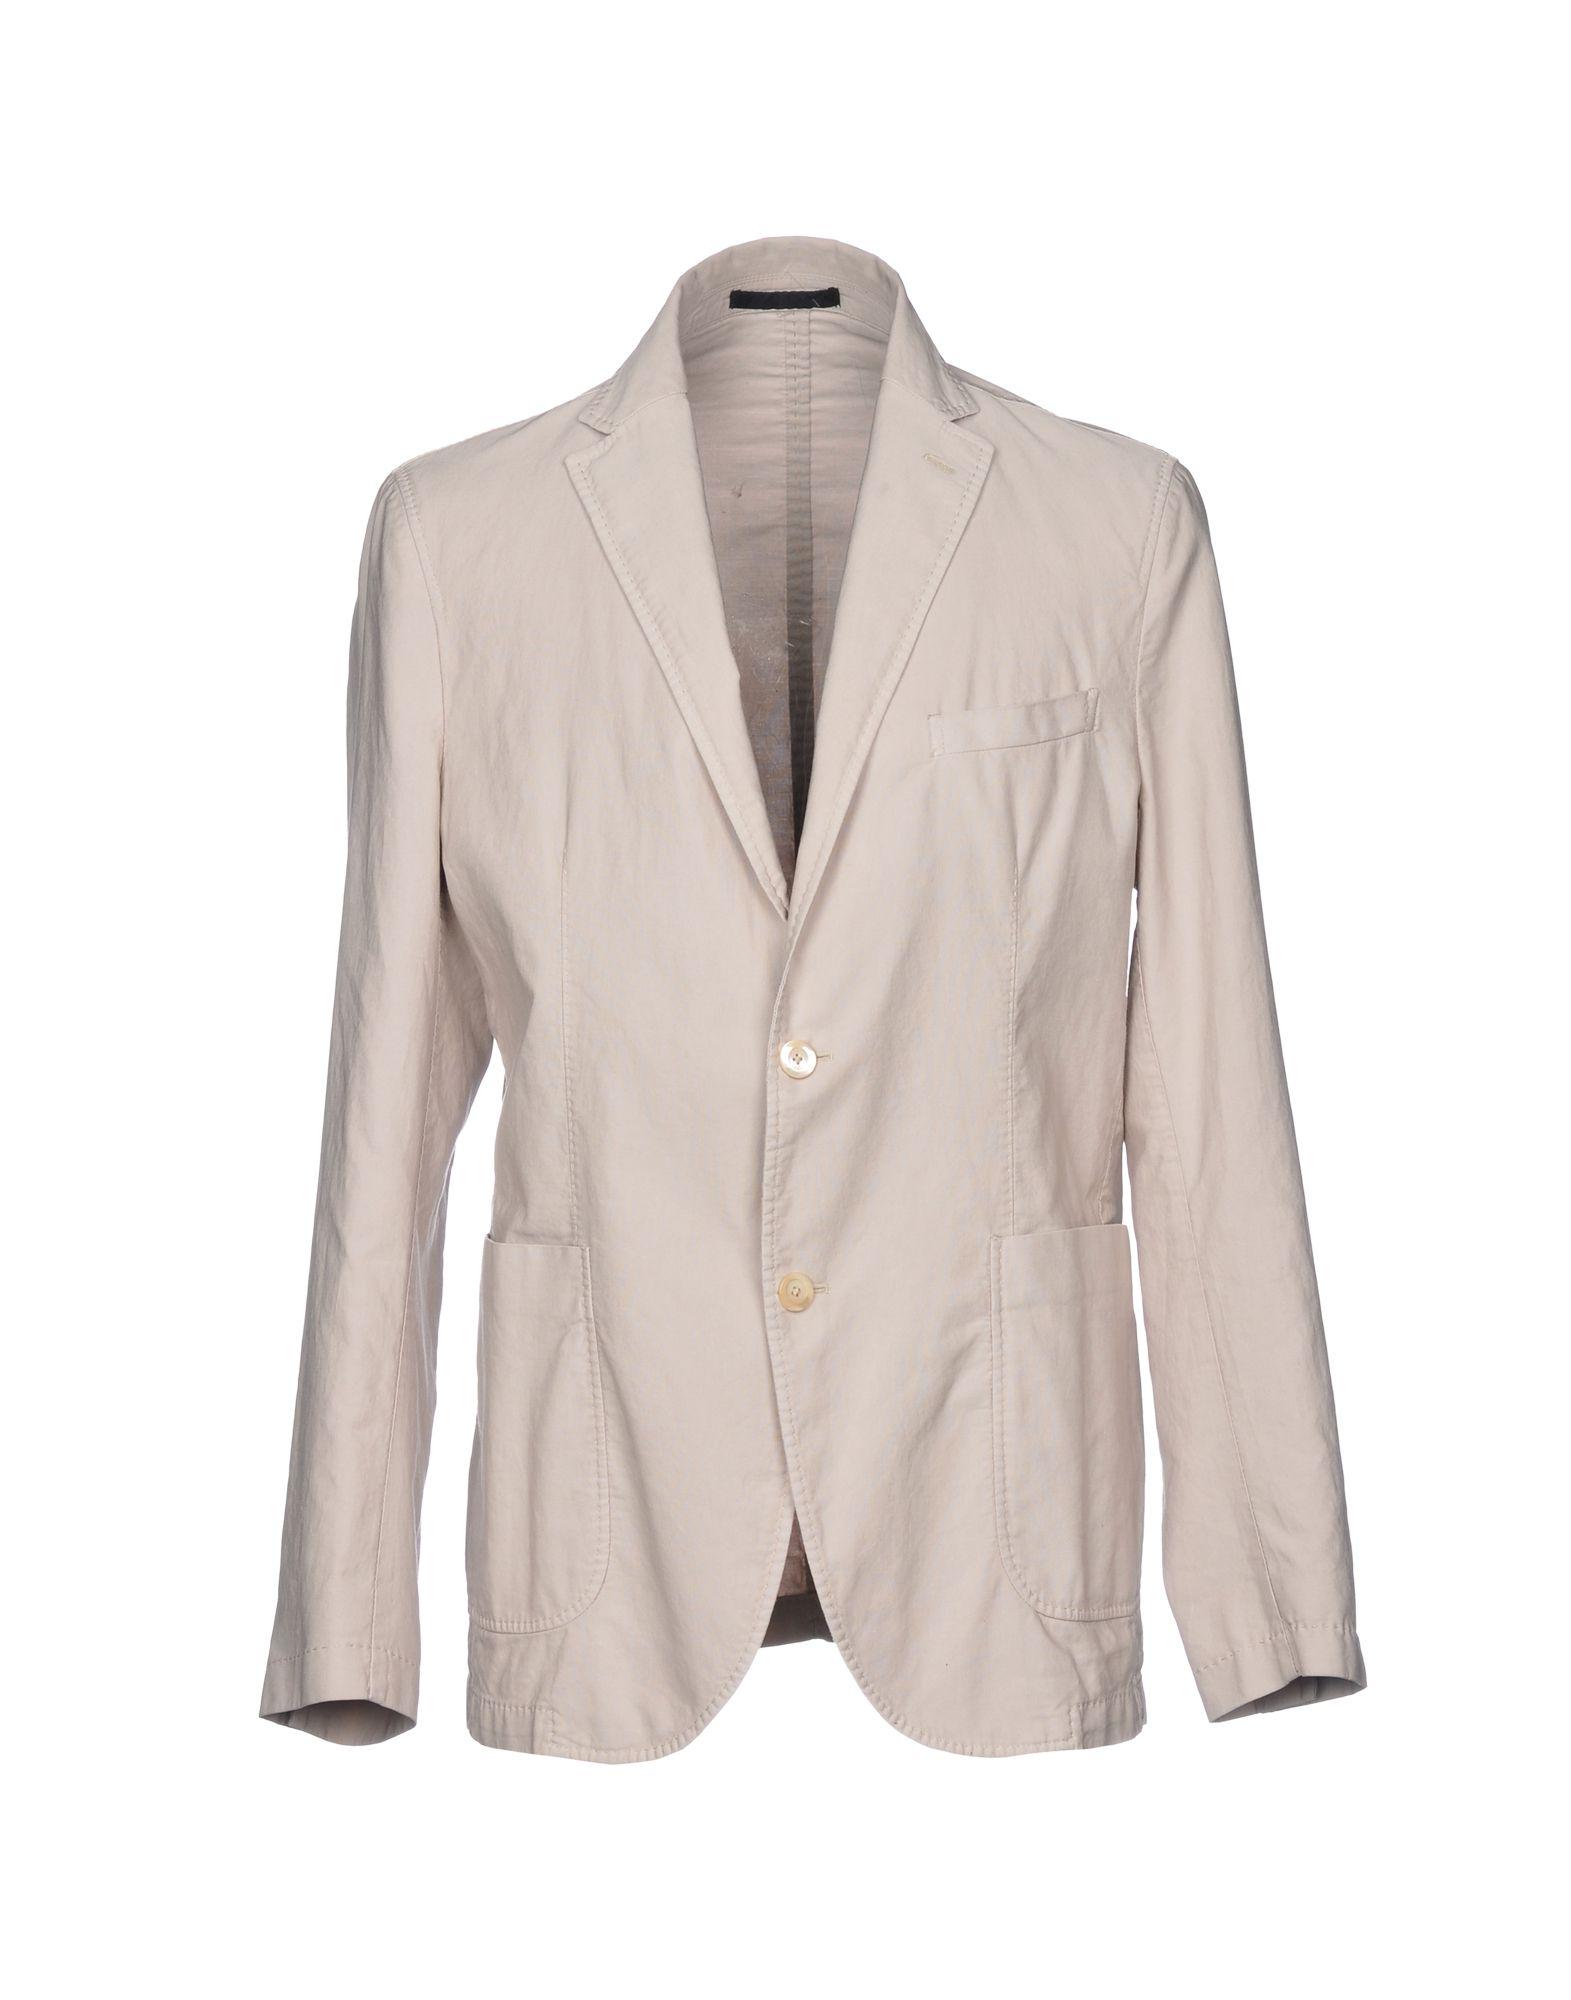 《送料無料》PAOLONI メンズ テーラードジャケット ライトグレー 54 コットン 100%